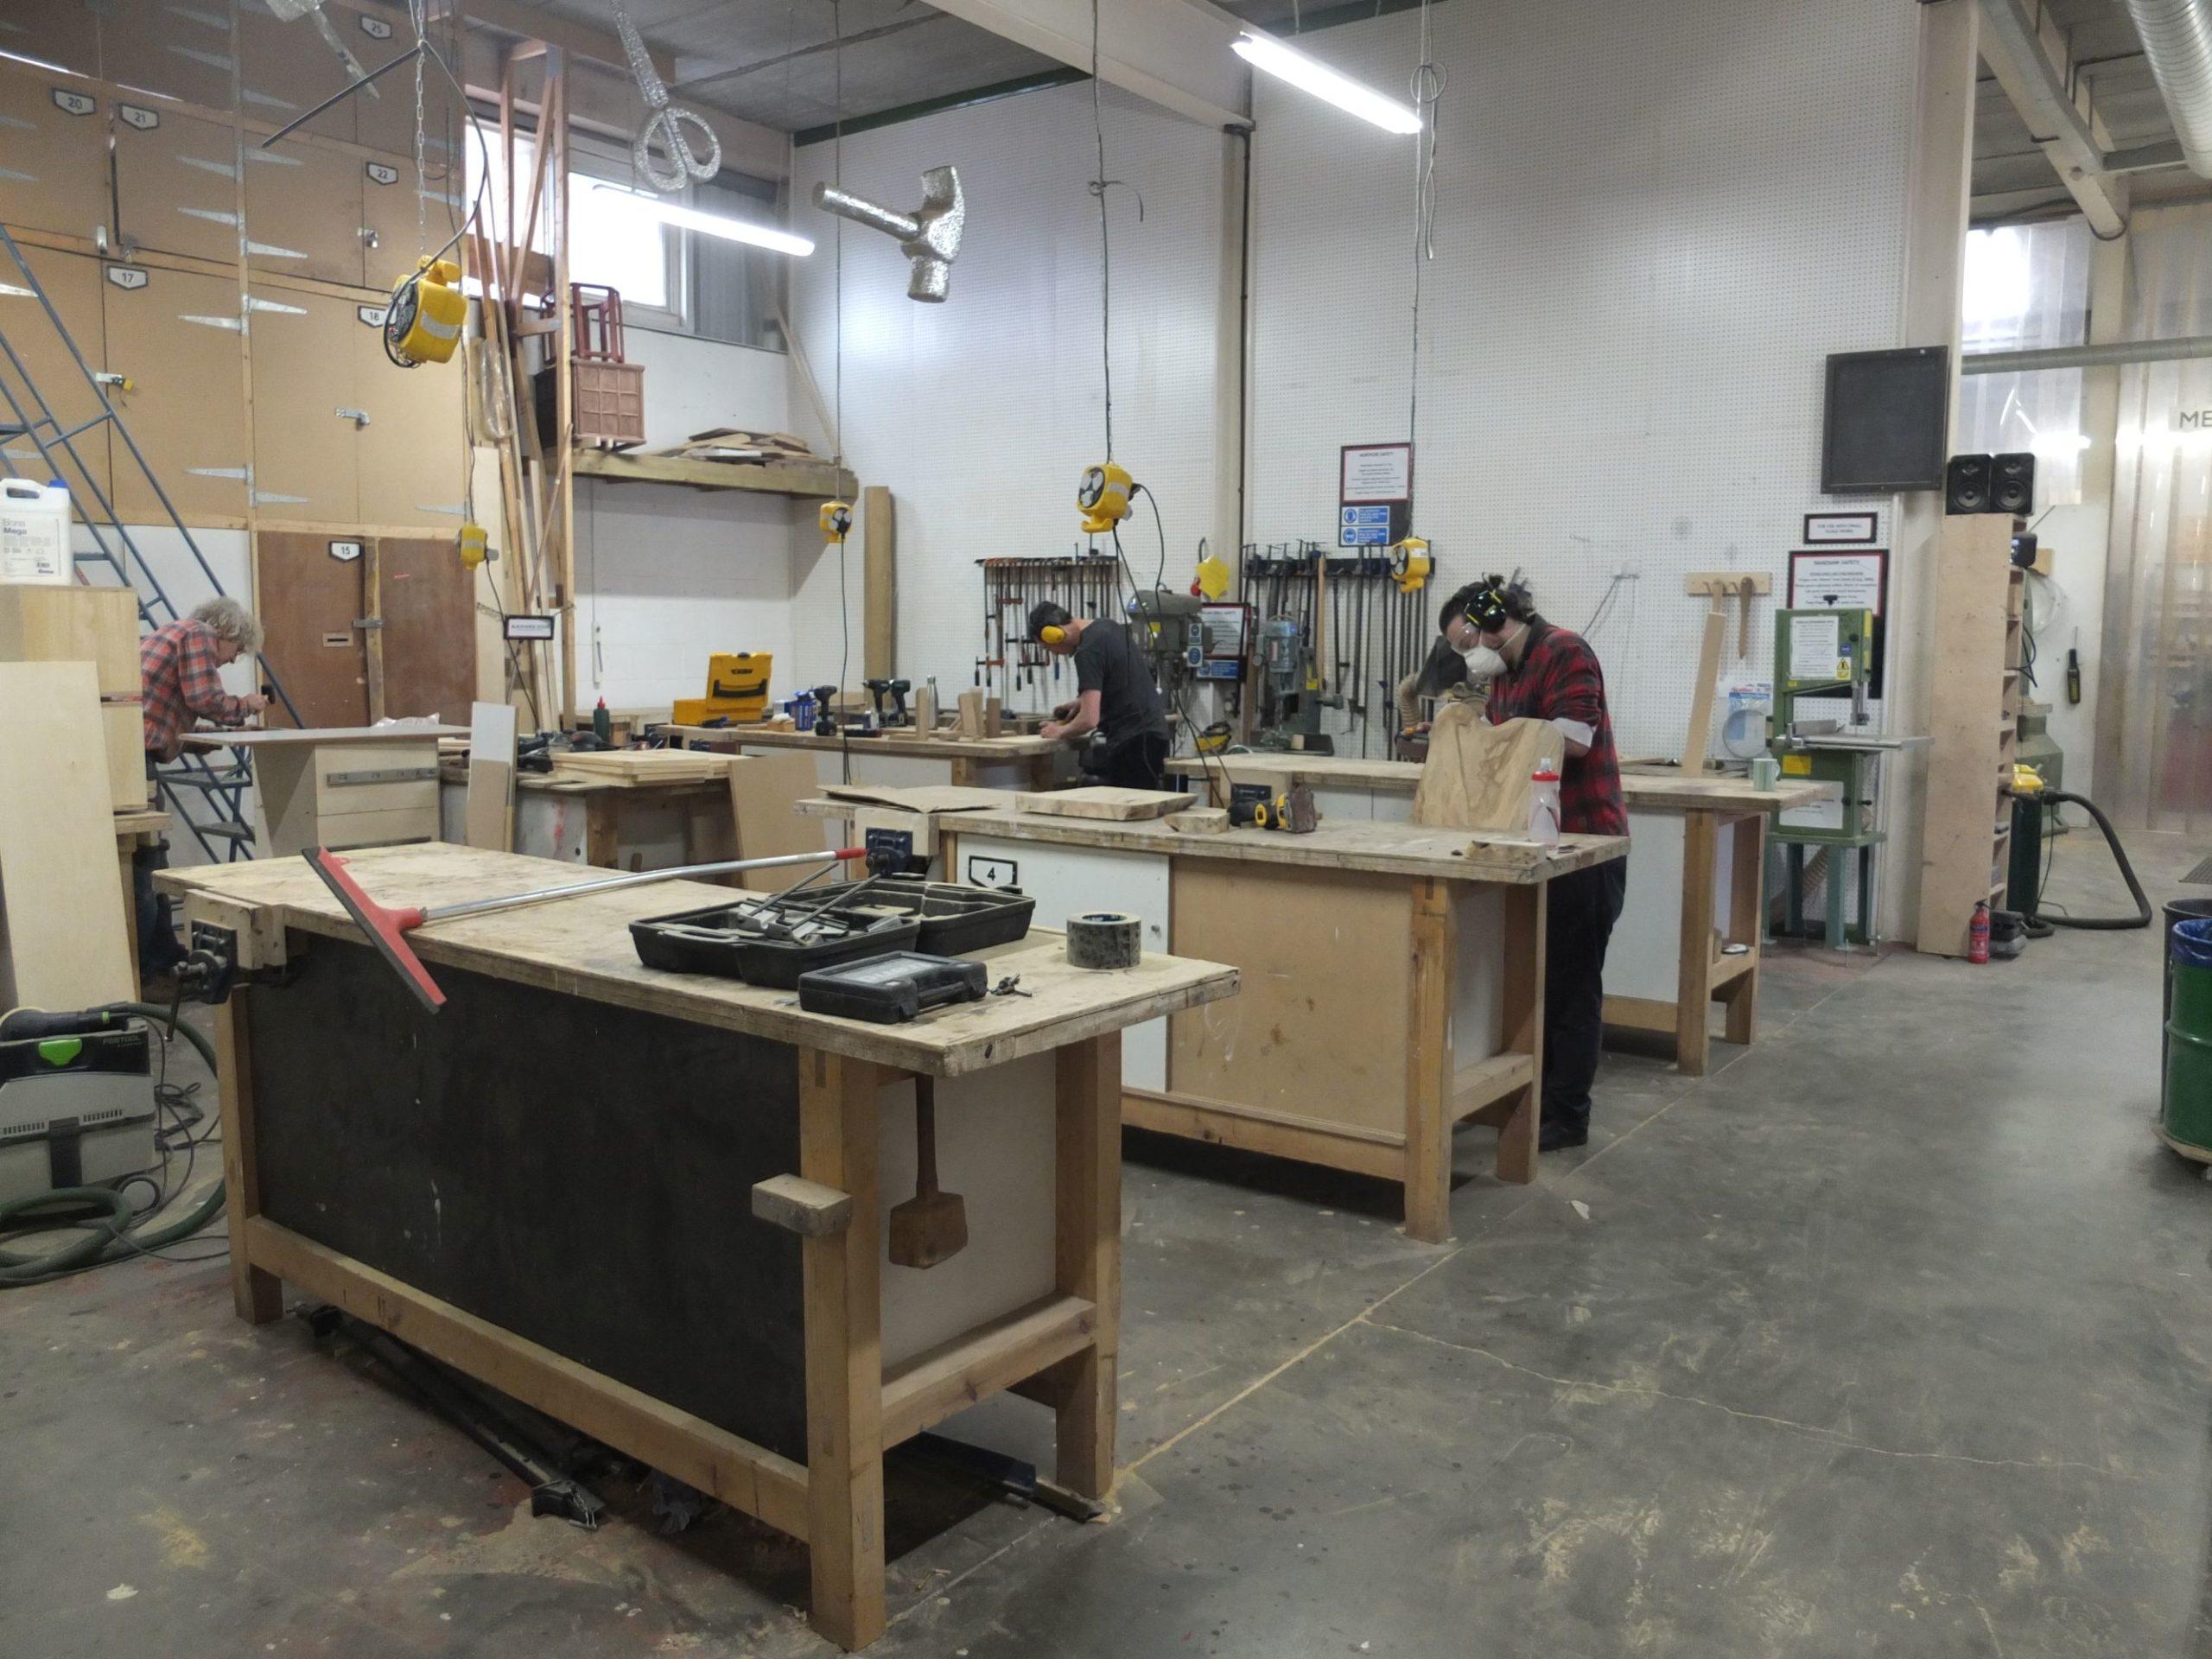 Menschen bauen mit Holz in einer Werkstatt